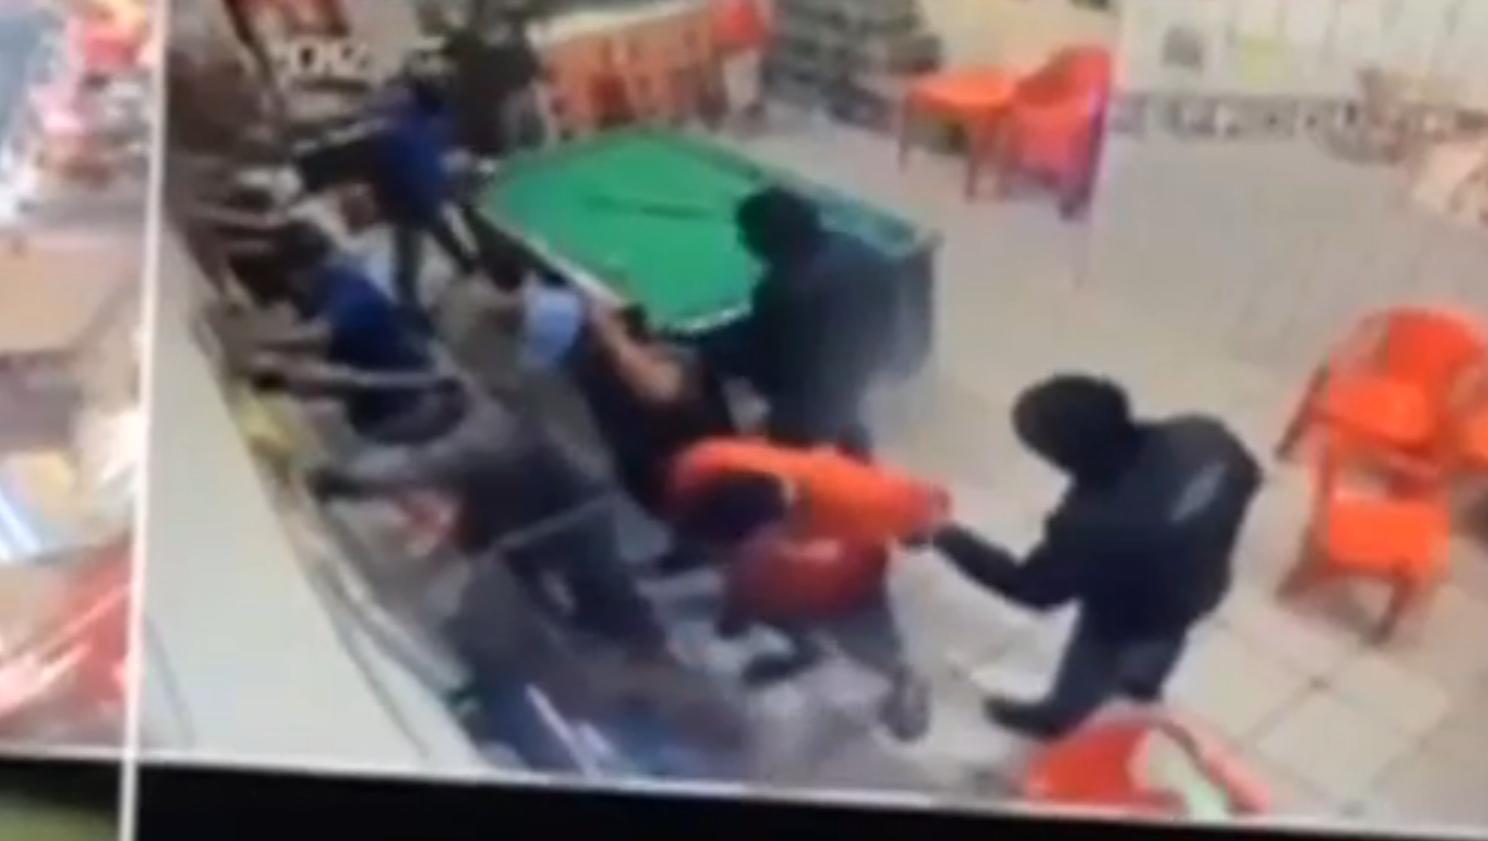 Bandidos perguntaram às pessoas em bar de Barueri quem tinha passagem na polícia para selecionar quem seria executado